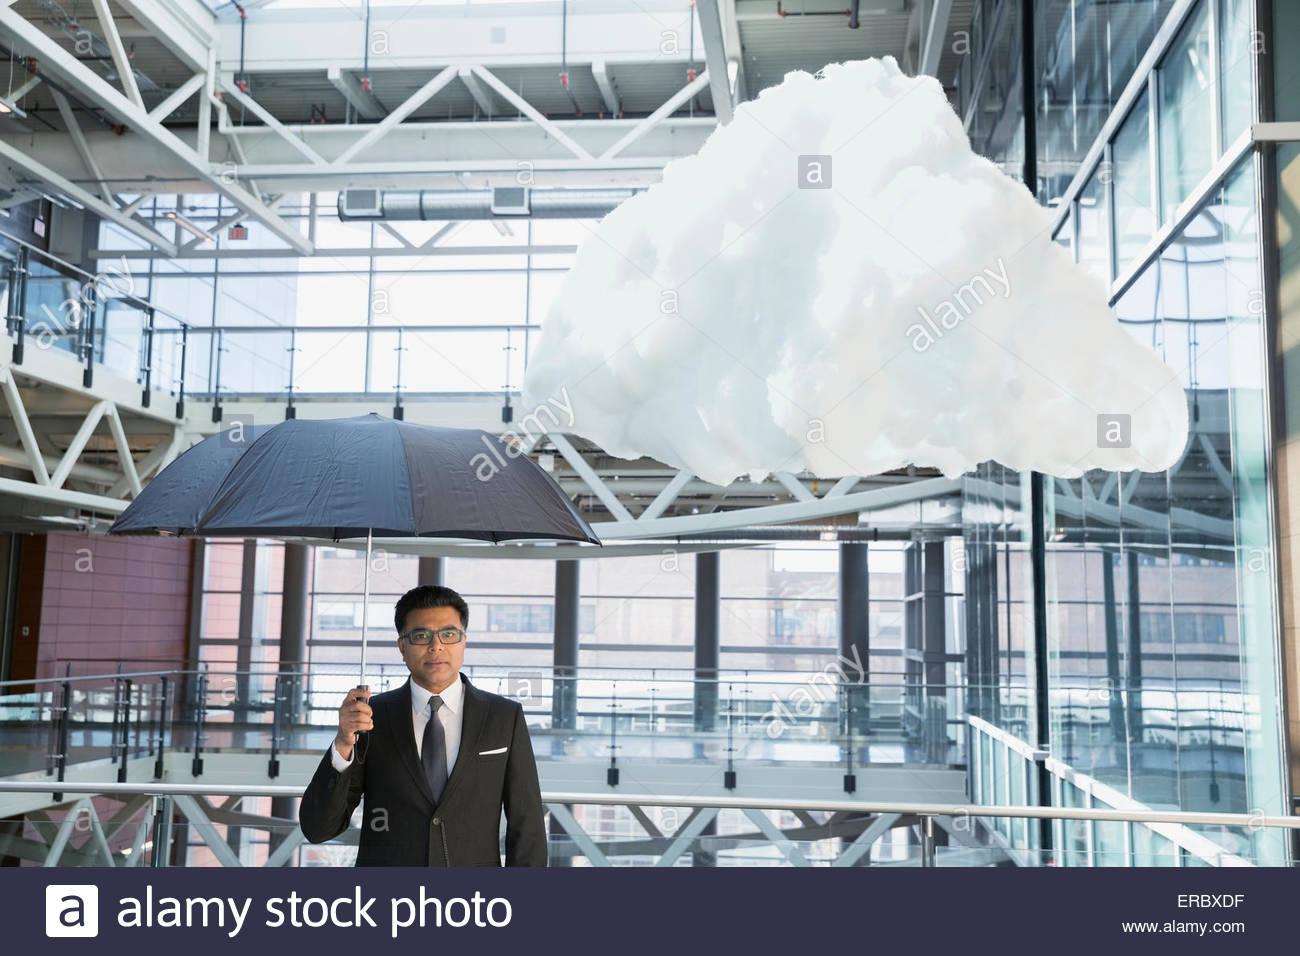 Retrato empresario con sombrilla bajo la nube de Atrium Imagen De Stock